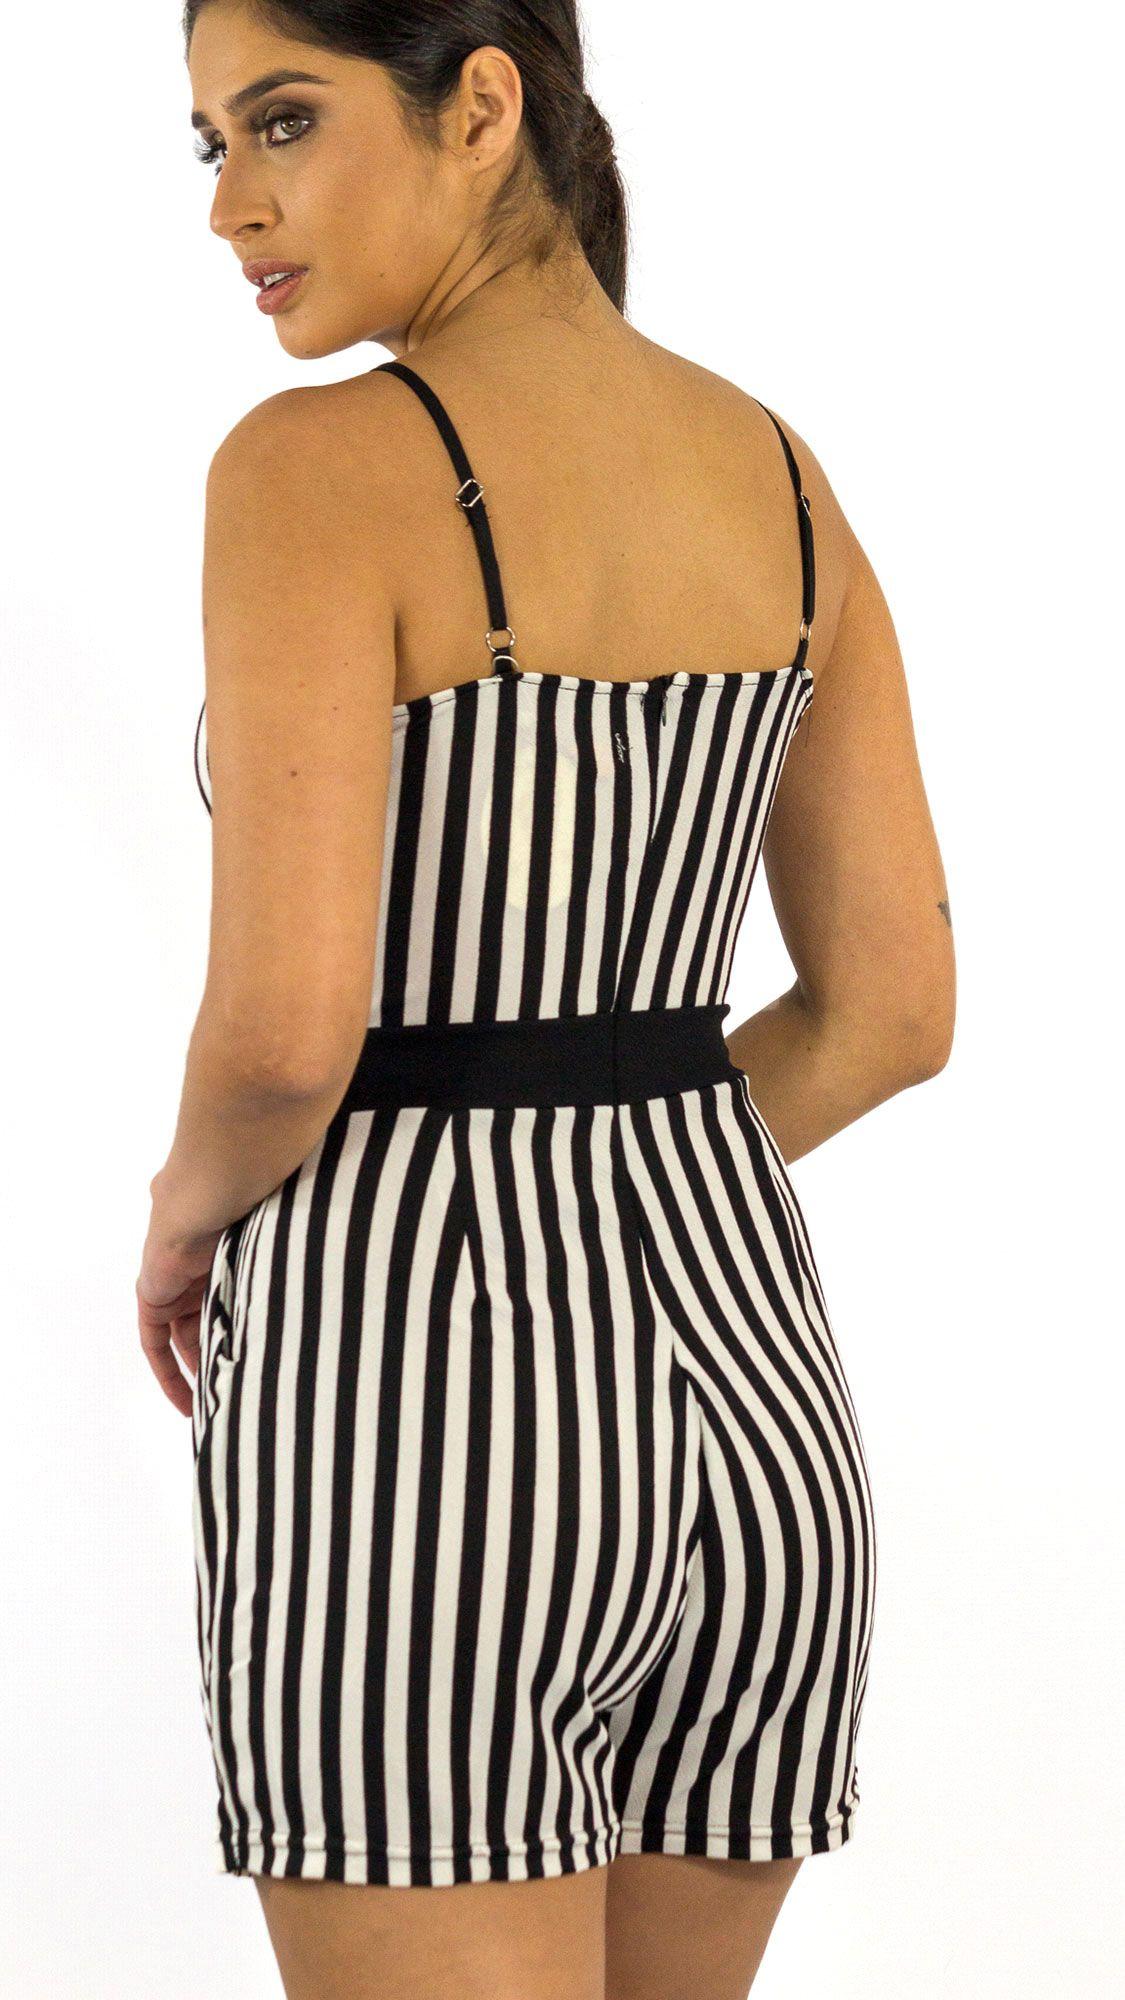 9415e58ae NotoriaStore: Moda Feminina Florianópolis - Online Macacão curto de ...